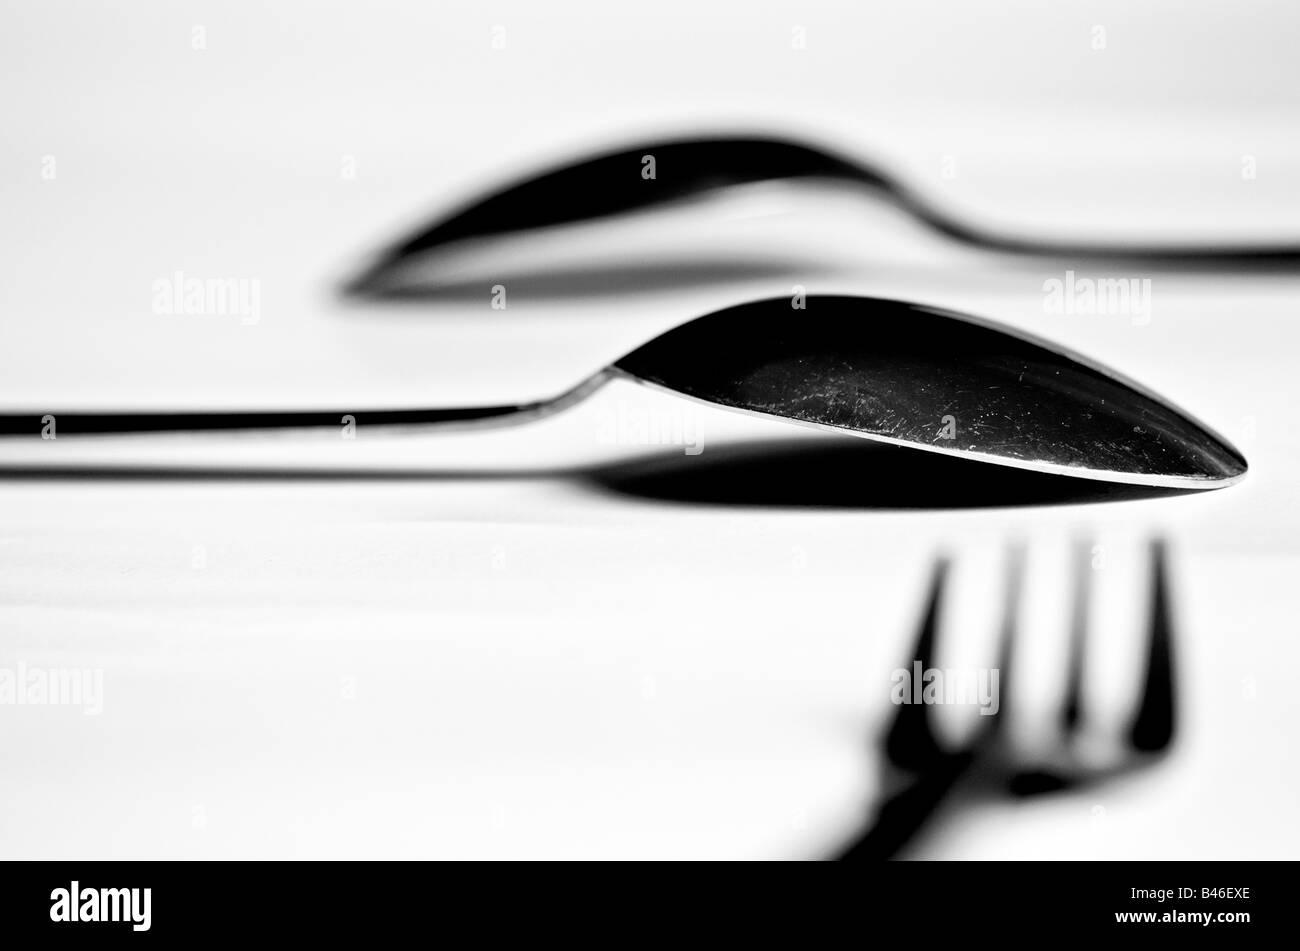 Dos cucharas y una horquilla en un cuadro blanco Imagen De Stock